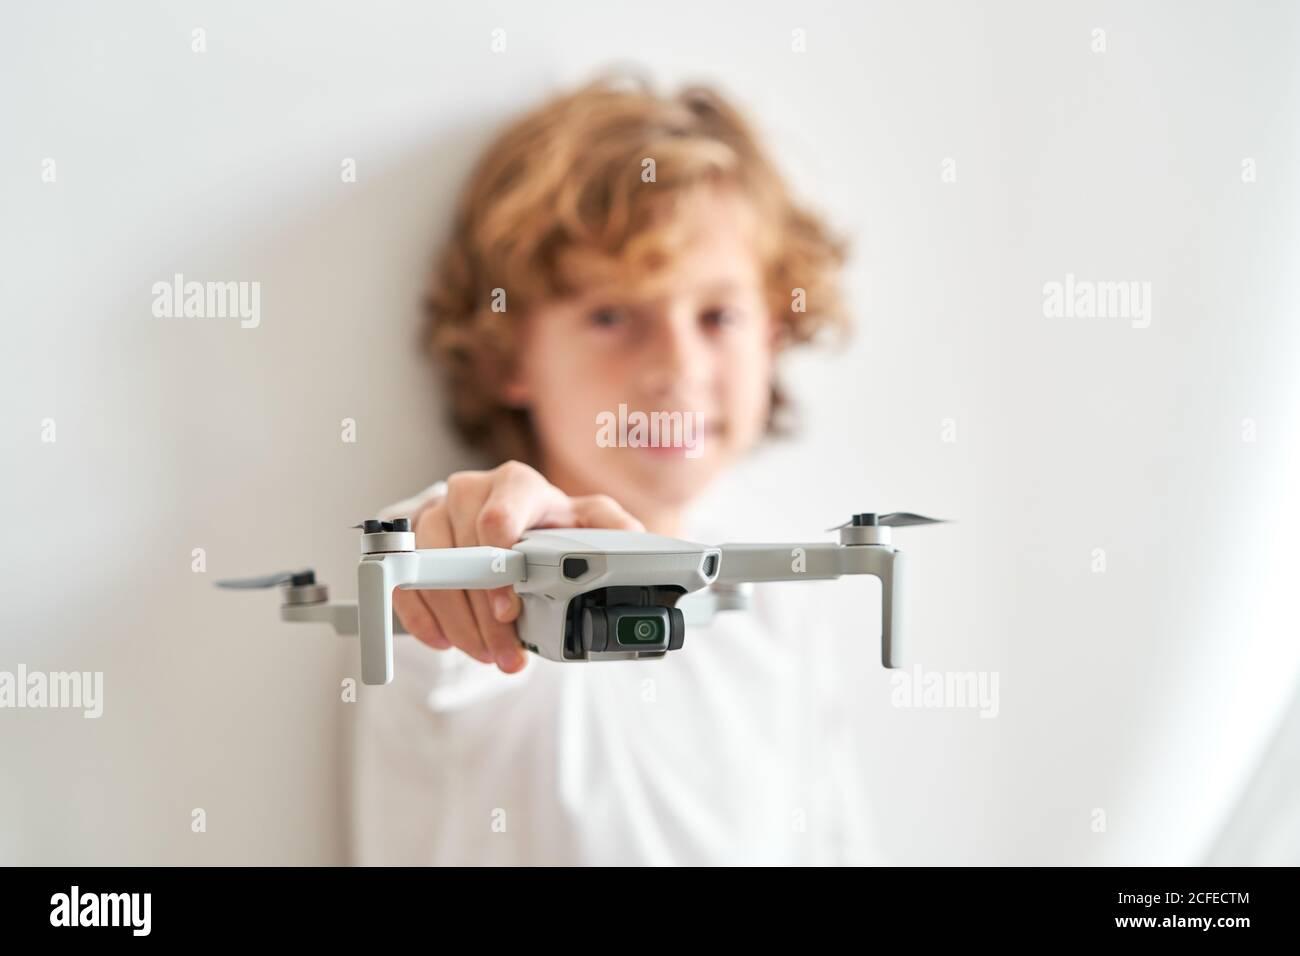 Niño manipulando un drone y el mando a distancia que acaba de dar a él Foto de stock